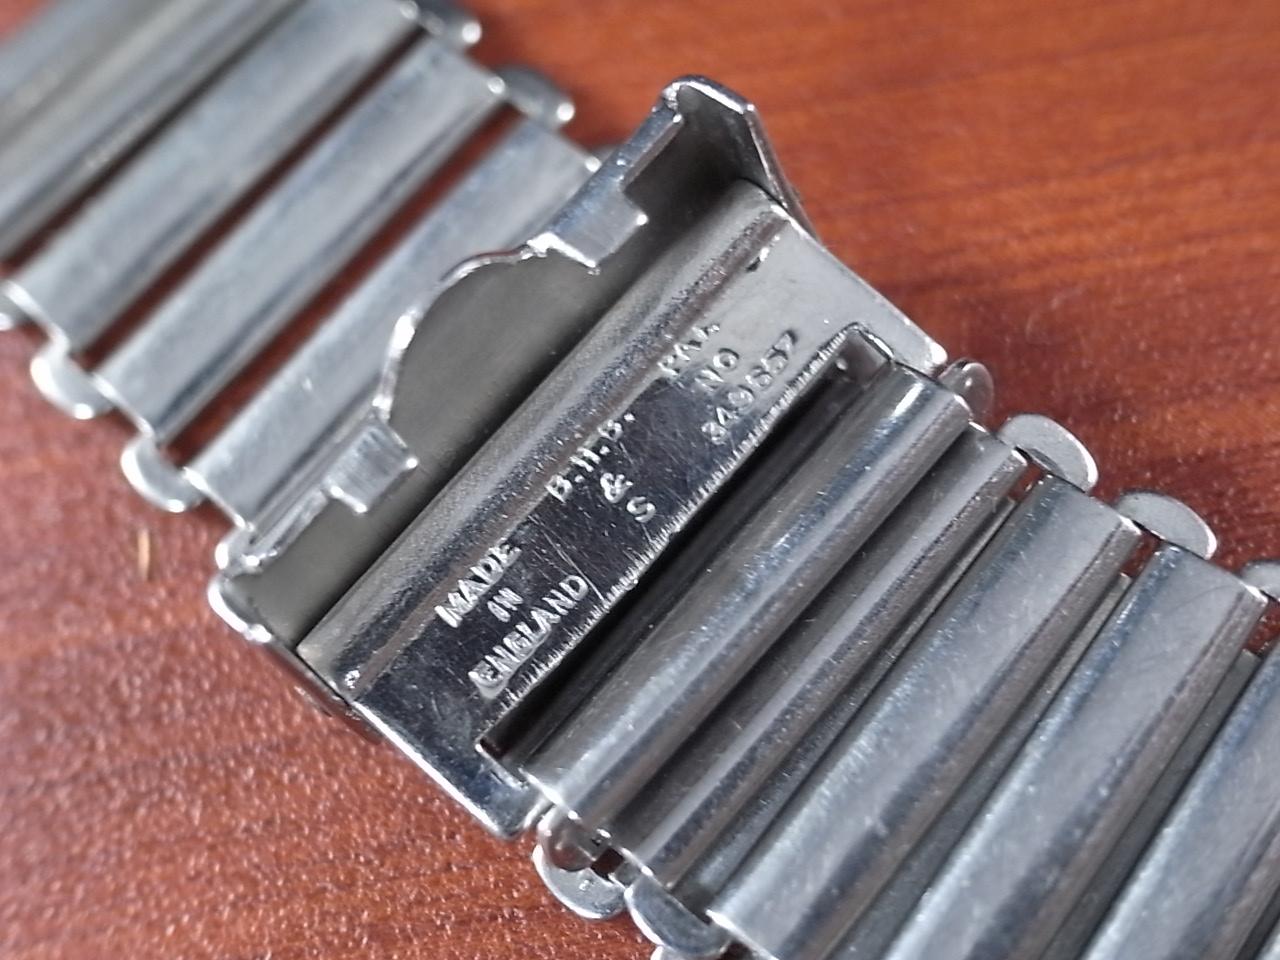 ボンクリップ バンブーブレス SS ブロック体ロゴ 16㎜タイプ 16㎜ BONKLIPの写真3枚目